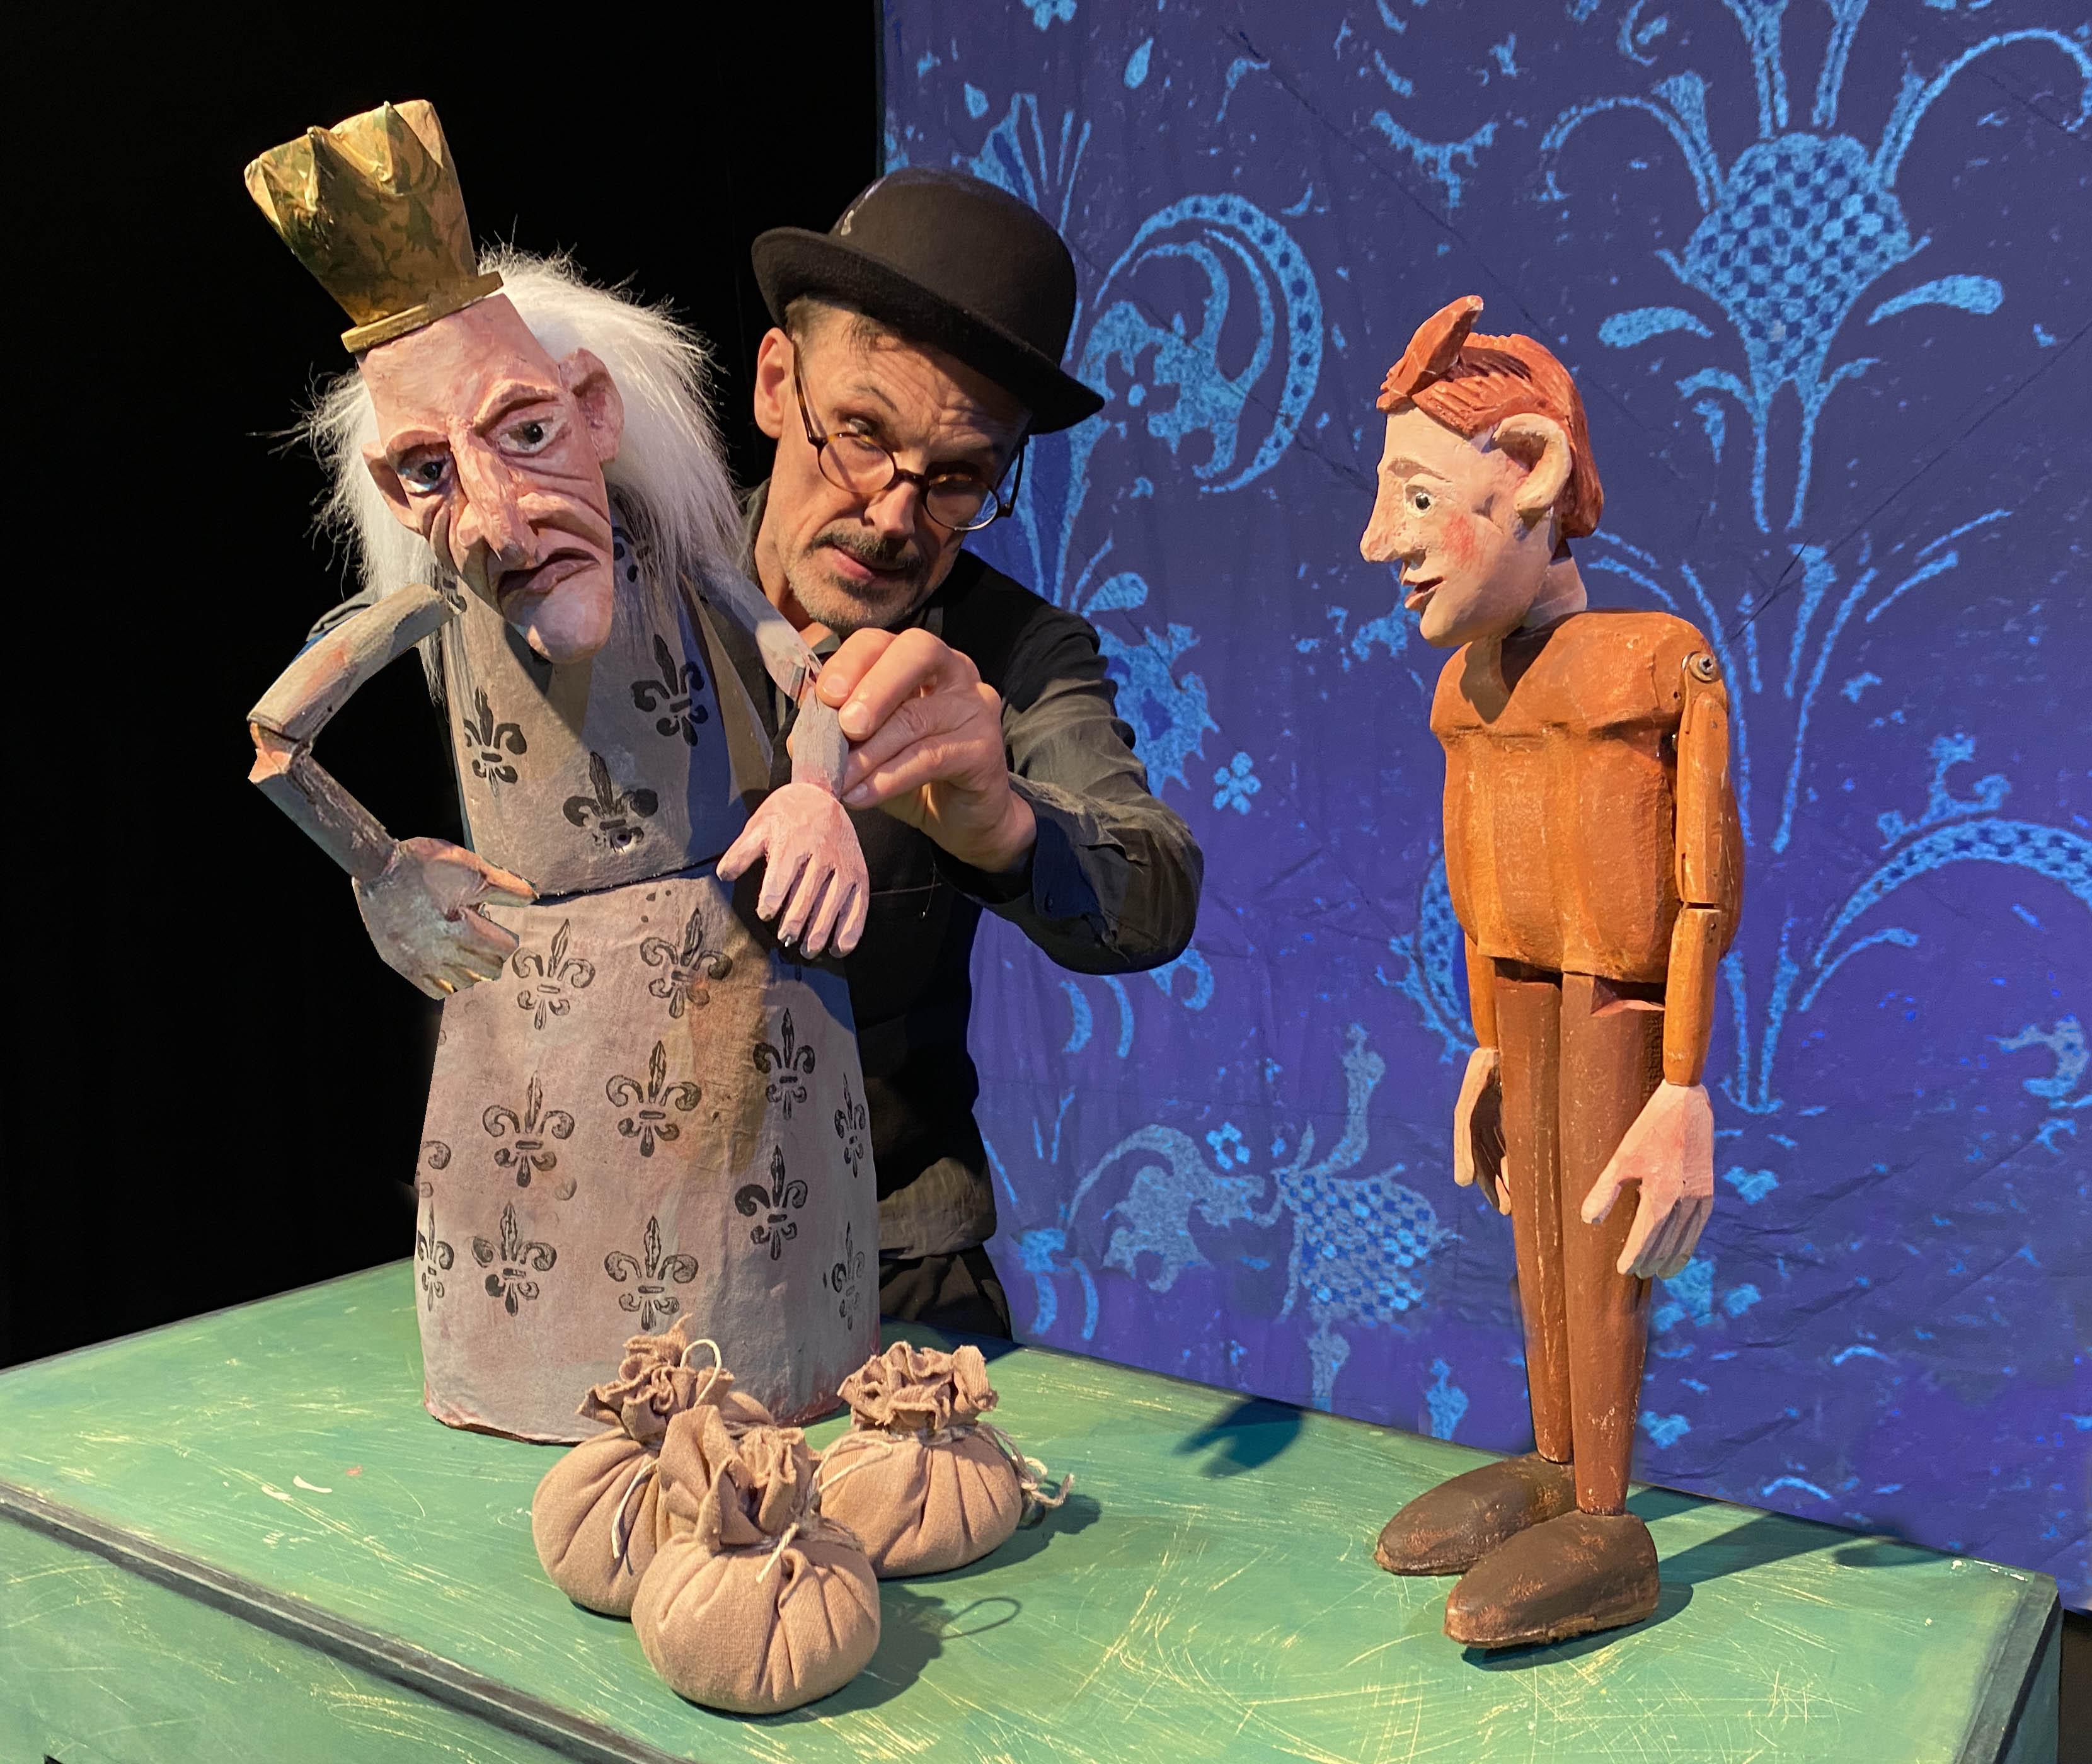 Ein Puppenspieler mit rundem Hut und Brille bewegt gerade den Arm einer Holzpuppe, die einen König darstellt. Daneben steht eine andere Holzpuppe mit roten Haaren. Im Hintergrund ist eine blau-gemusterte Leinwand.